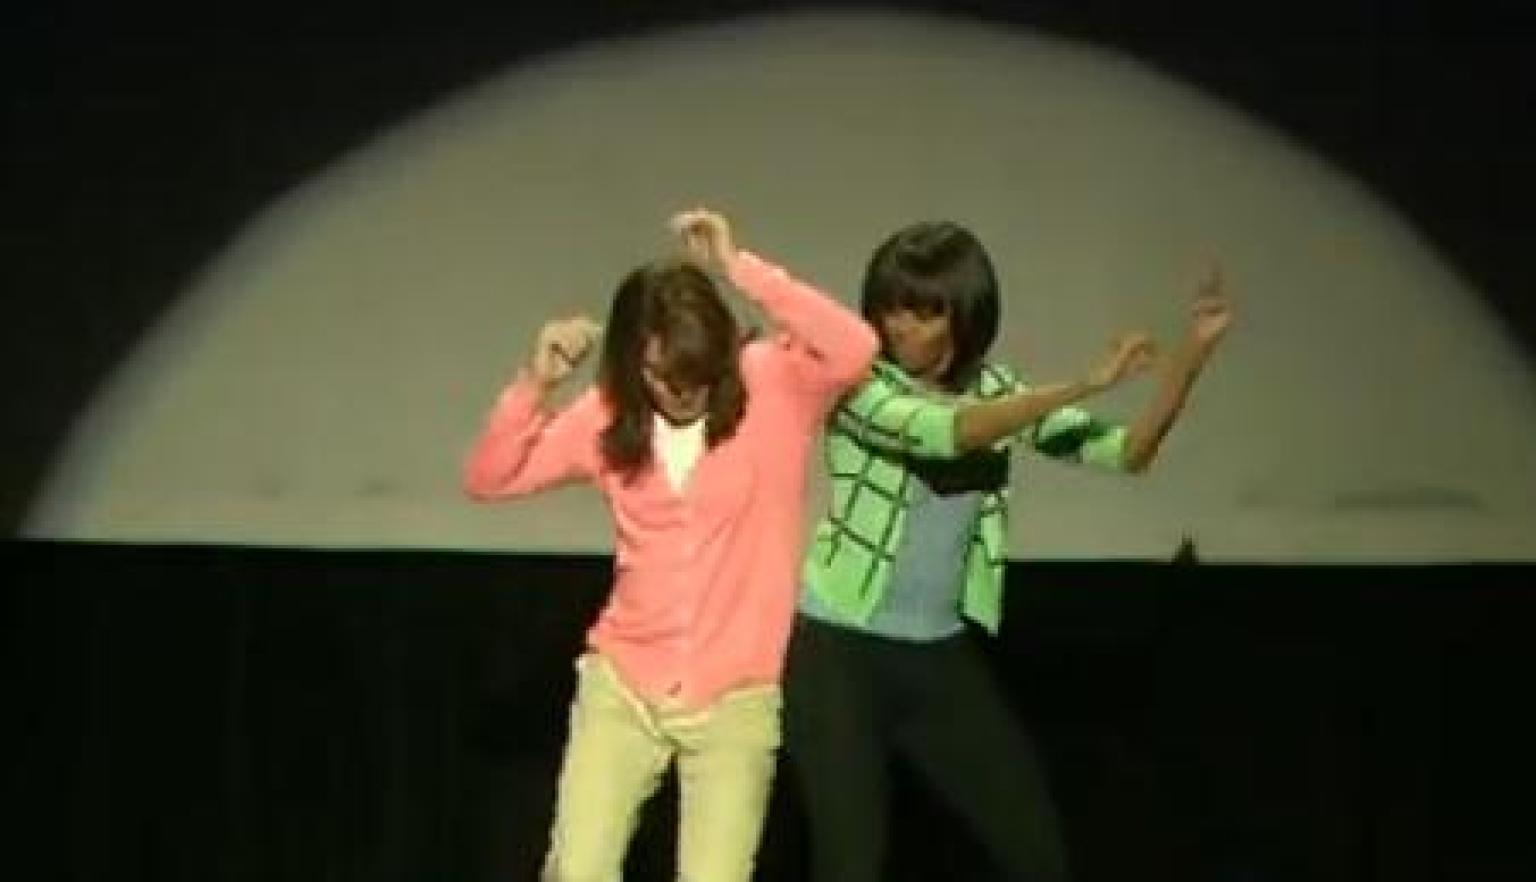 Michelle Obama Danse La Tl Pour Lutter Contre Lobsit